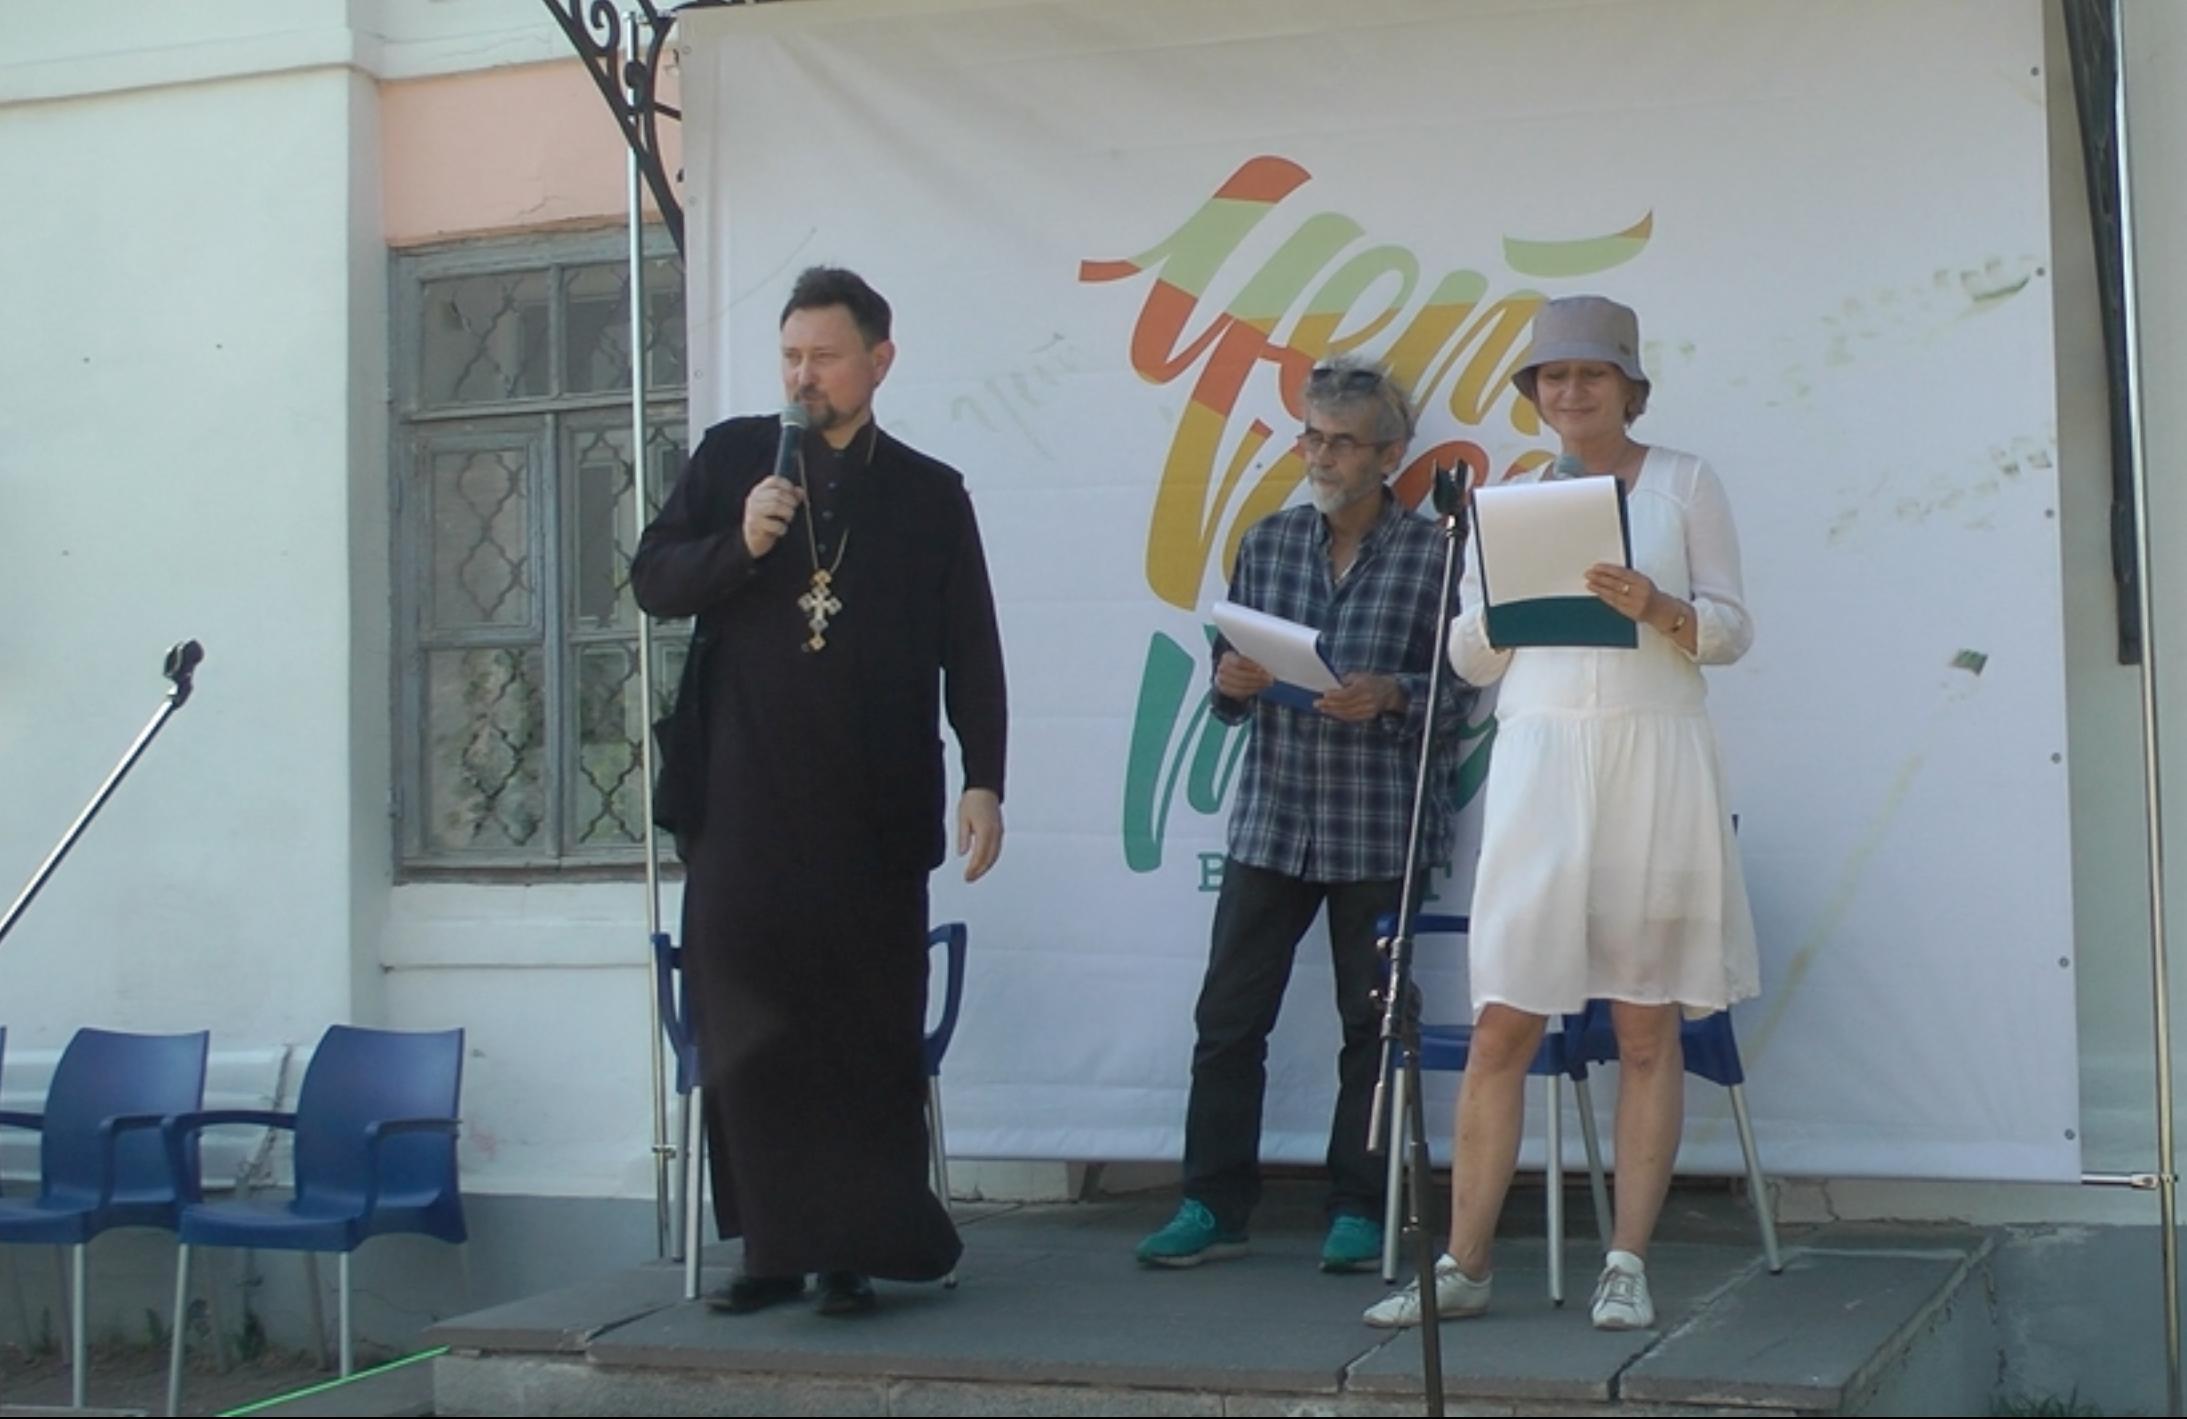 Представитель Вологодской епархии принял участие в обсуждении роли Церкви в жизни общества на фестивале «Четвертая Вологда»